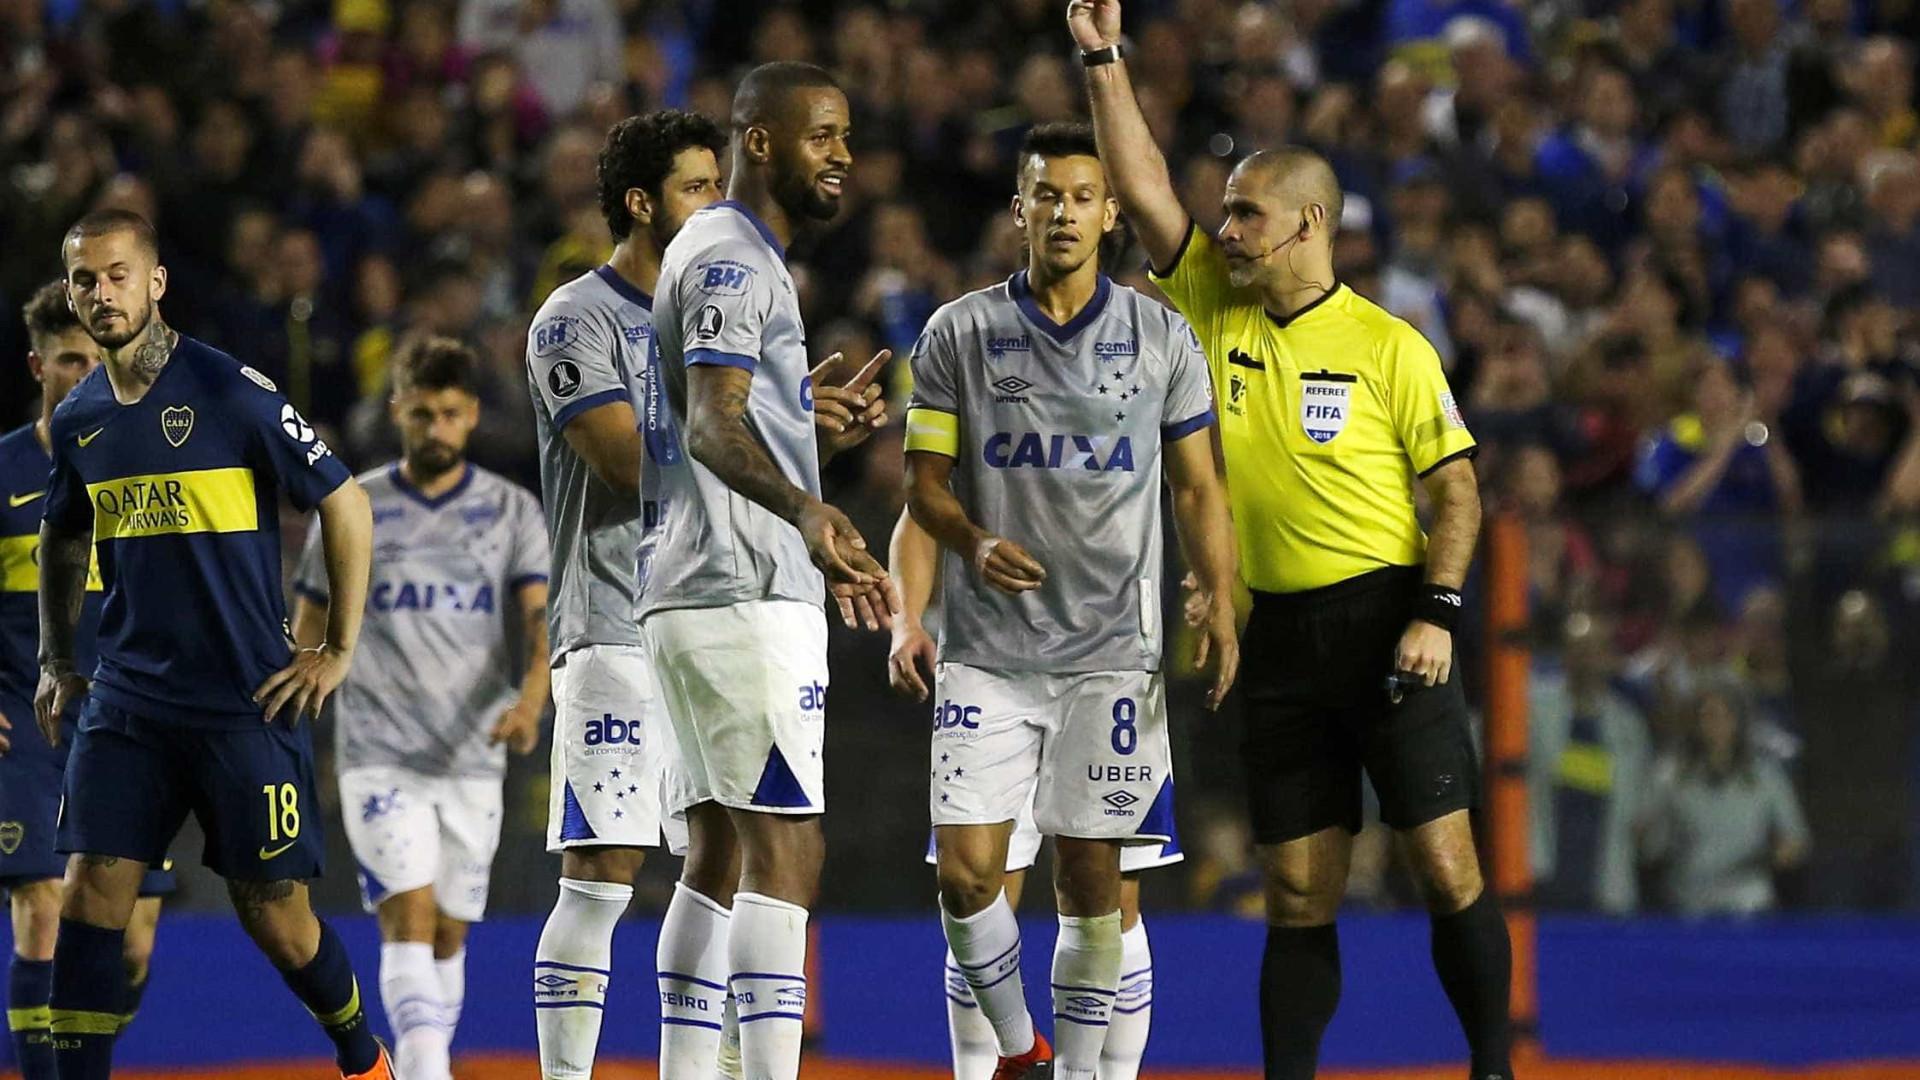 Dedé prevê reavaliação de lance polêmico em derrota do Cruzeiro